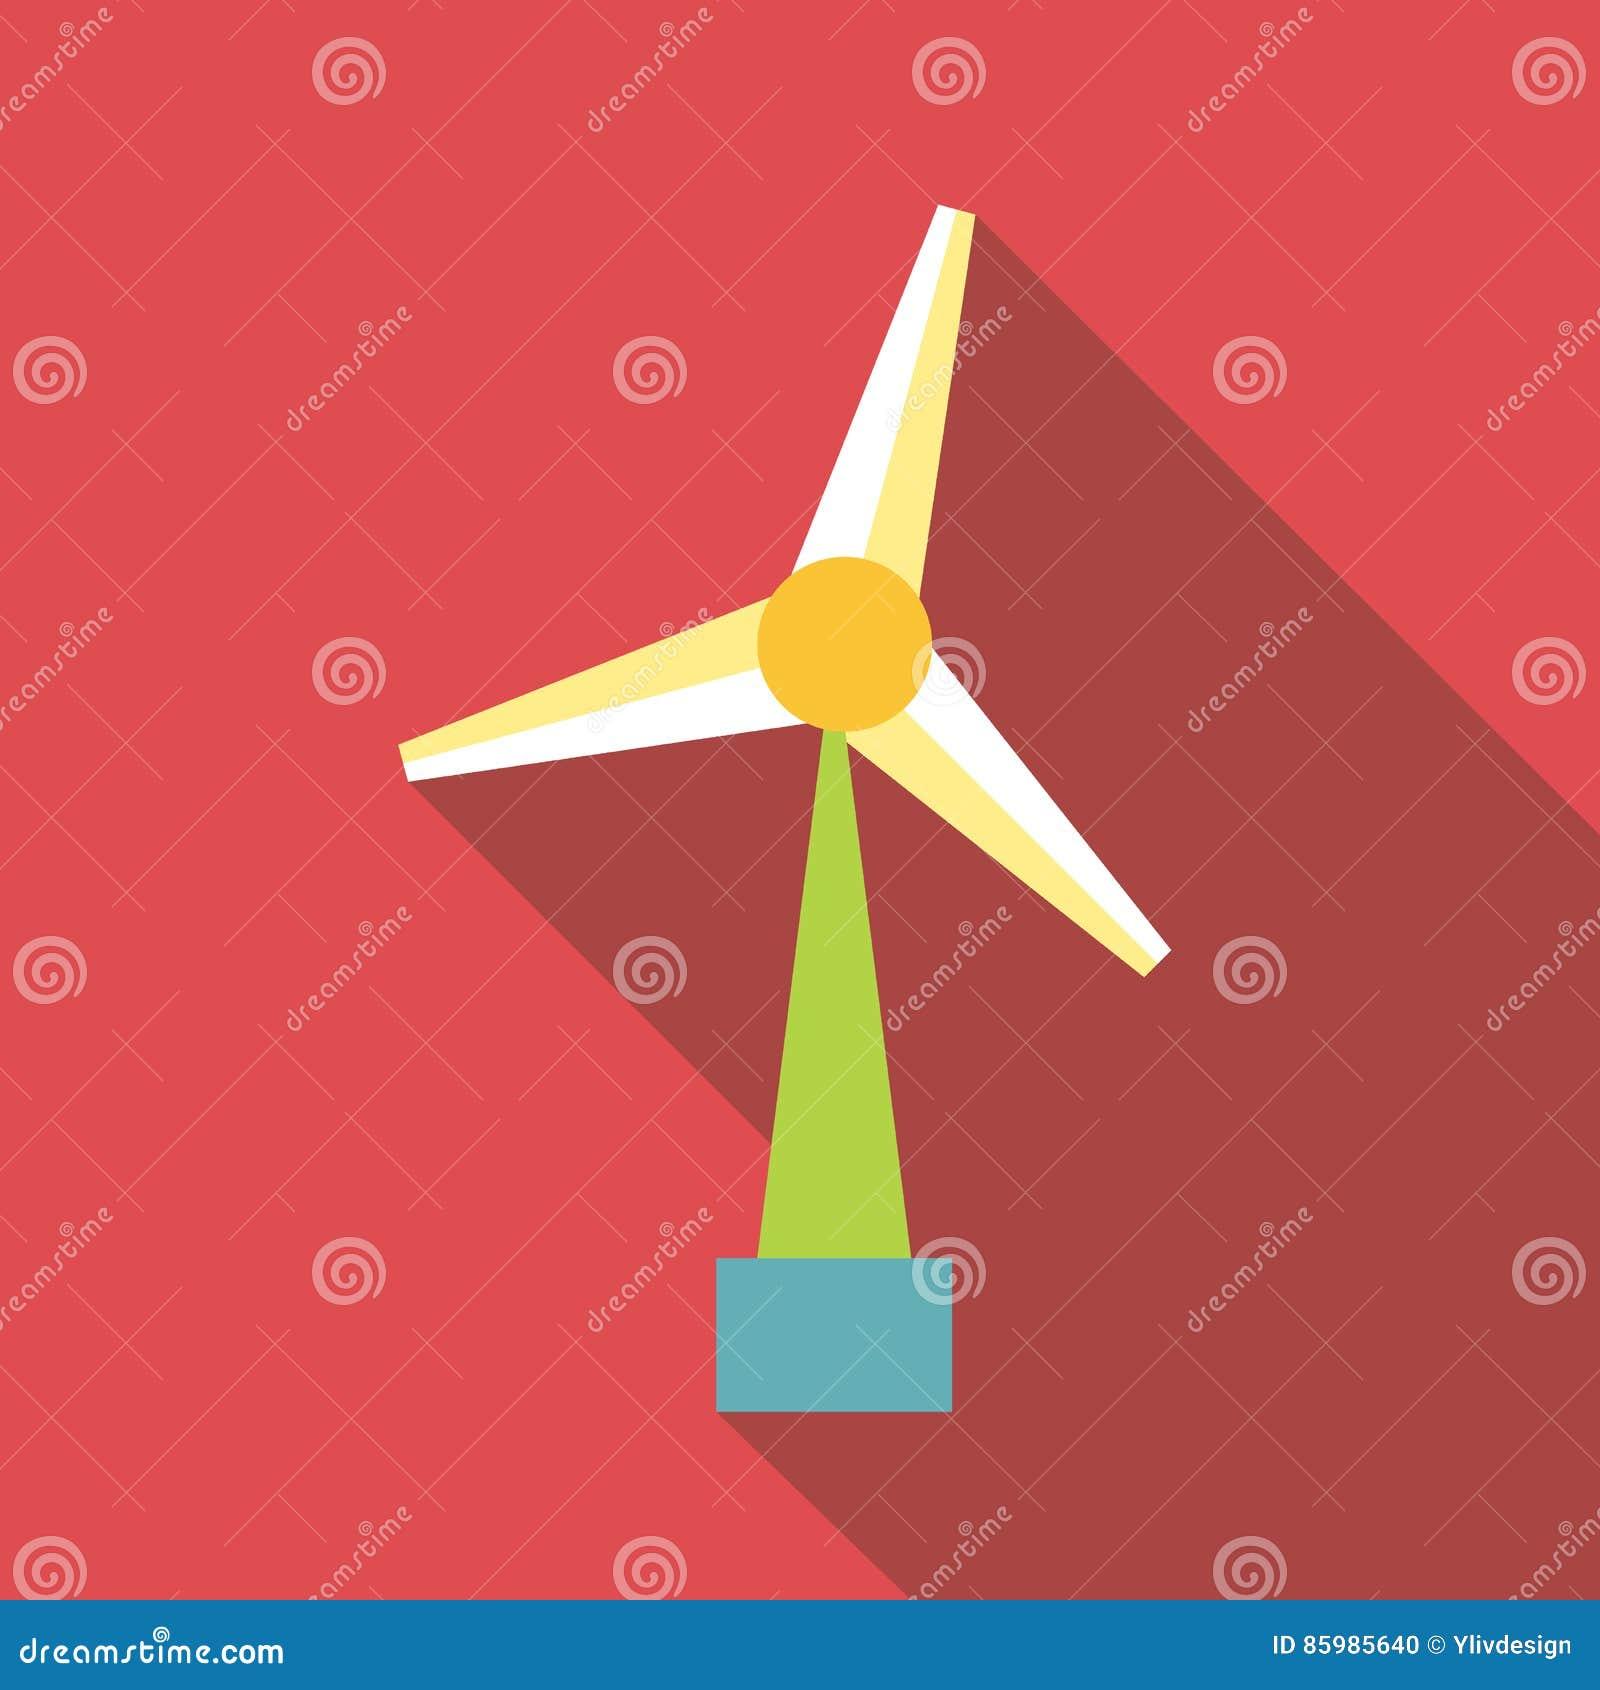 Icona del generatore eolico stile piano illustrazione for Generatore di piano